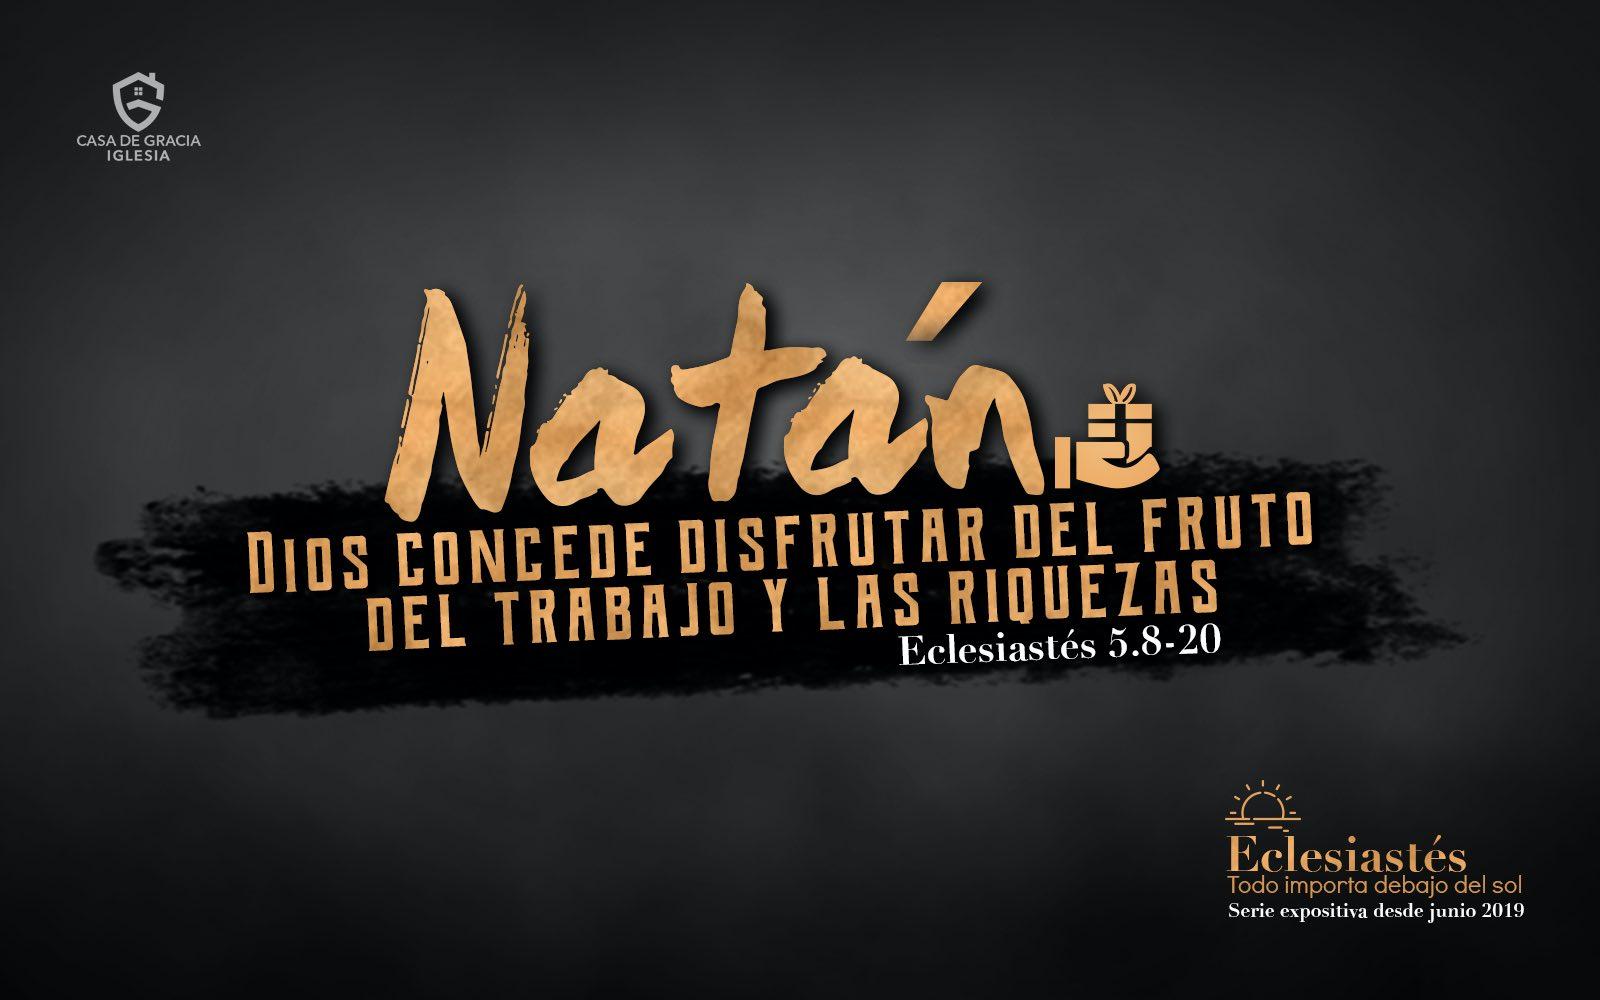 Natán: Dios concede disfrutar del fruto del trabajo y las riquezas - Iglesia Casa de Gracia